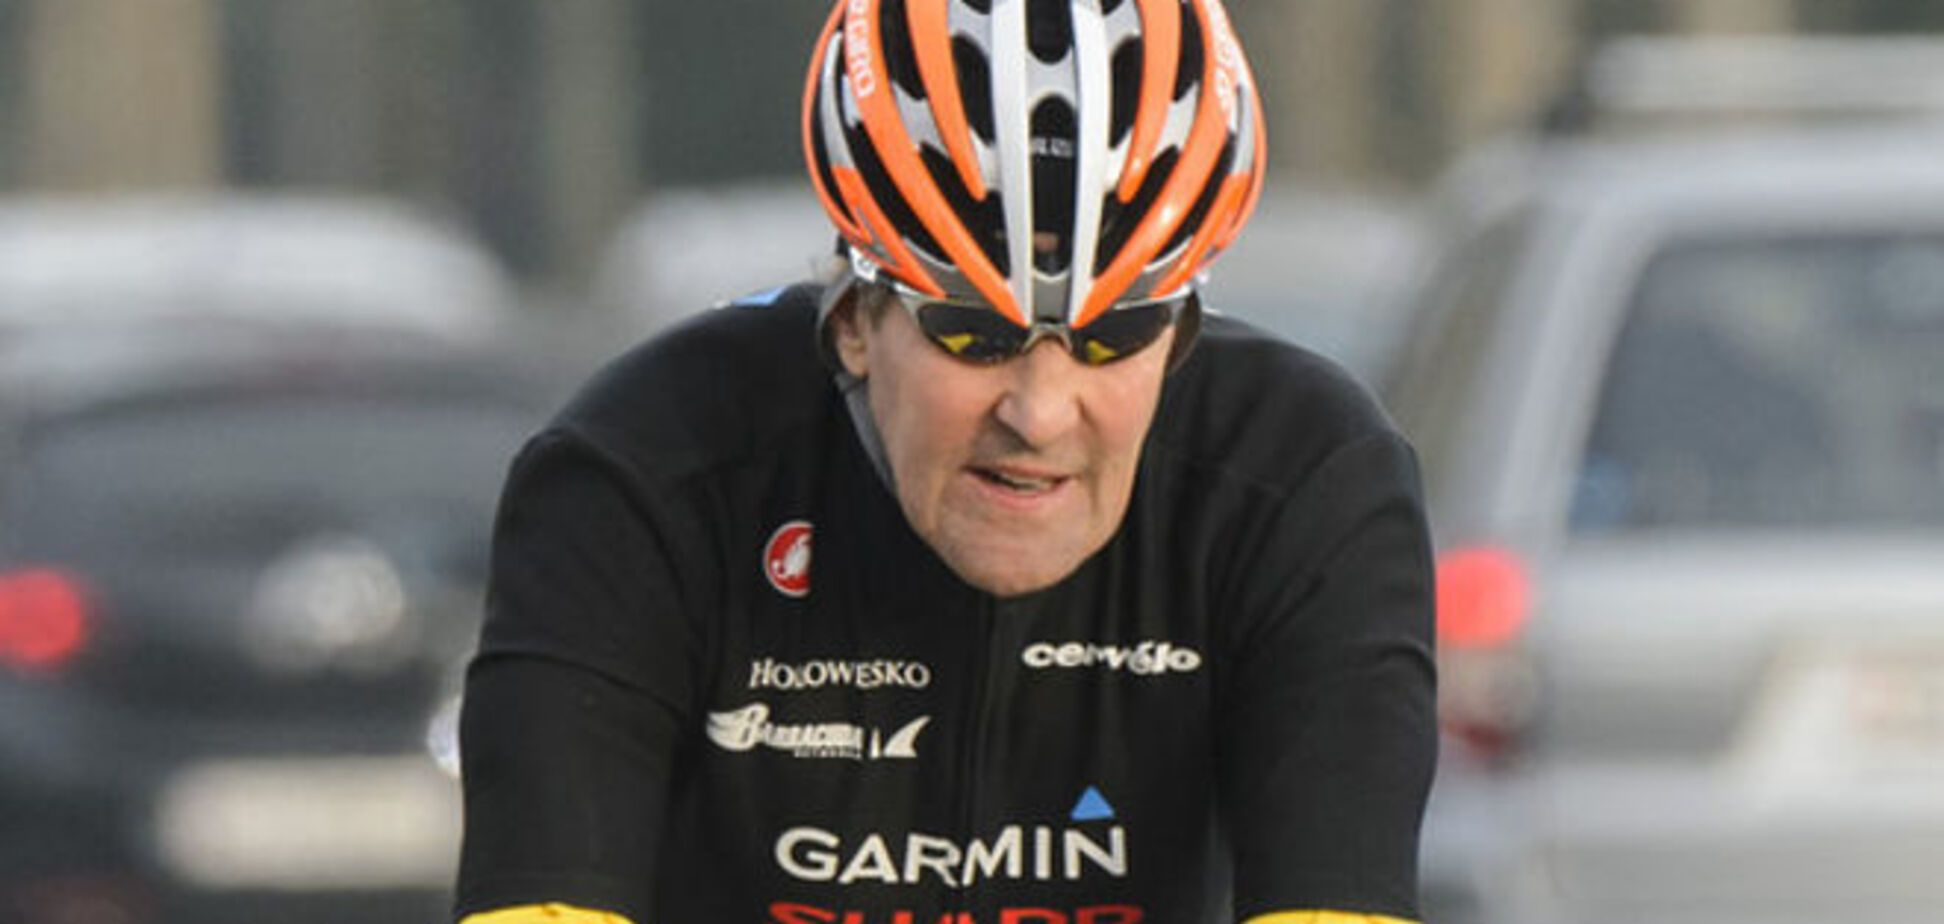 Джон Керри упал с велосипеда: его срочно госпитализировали